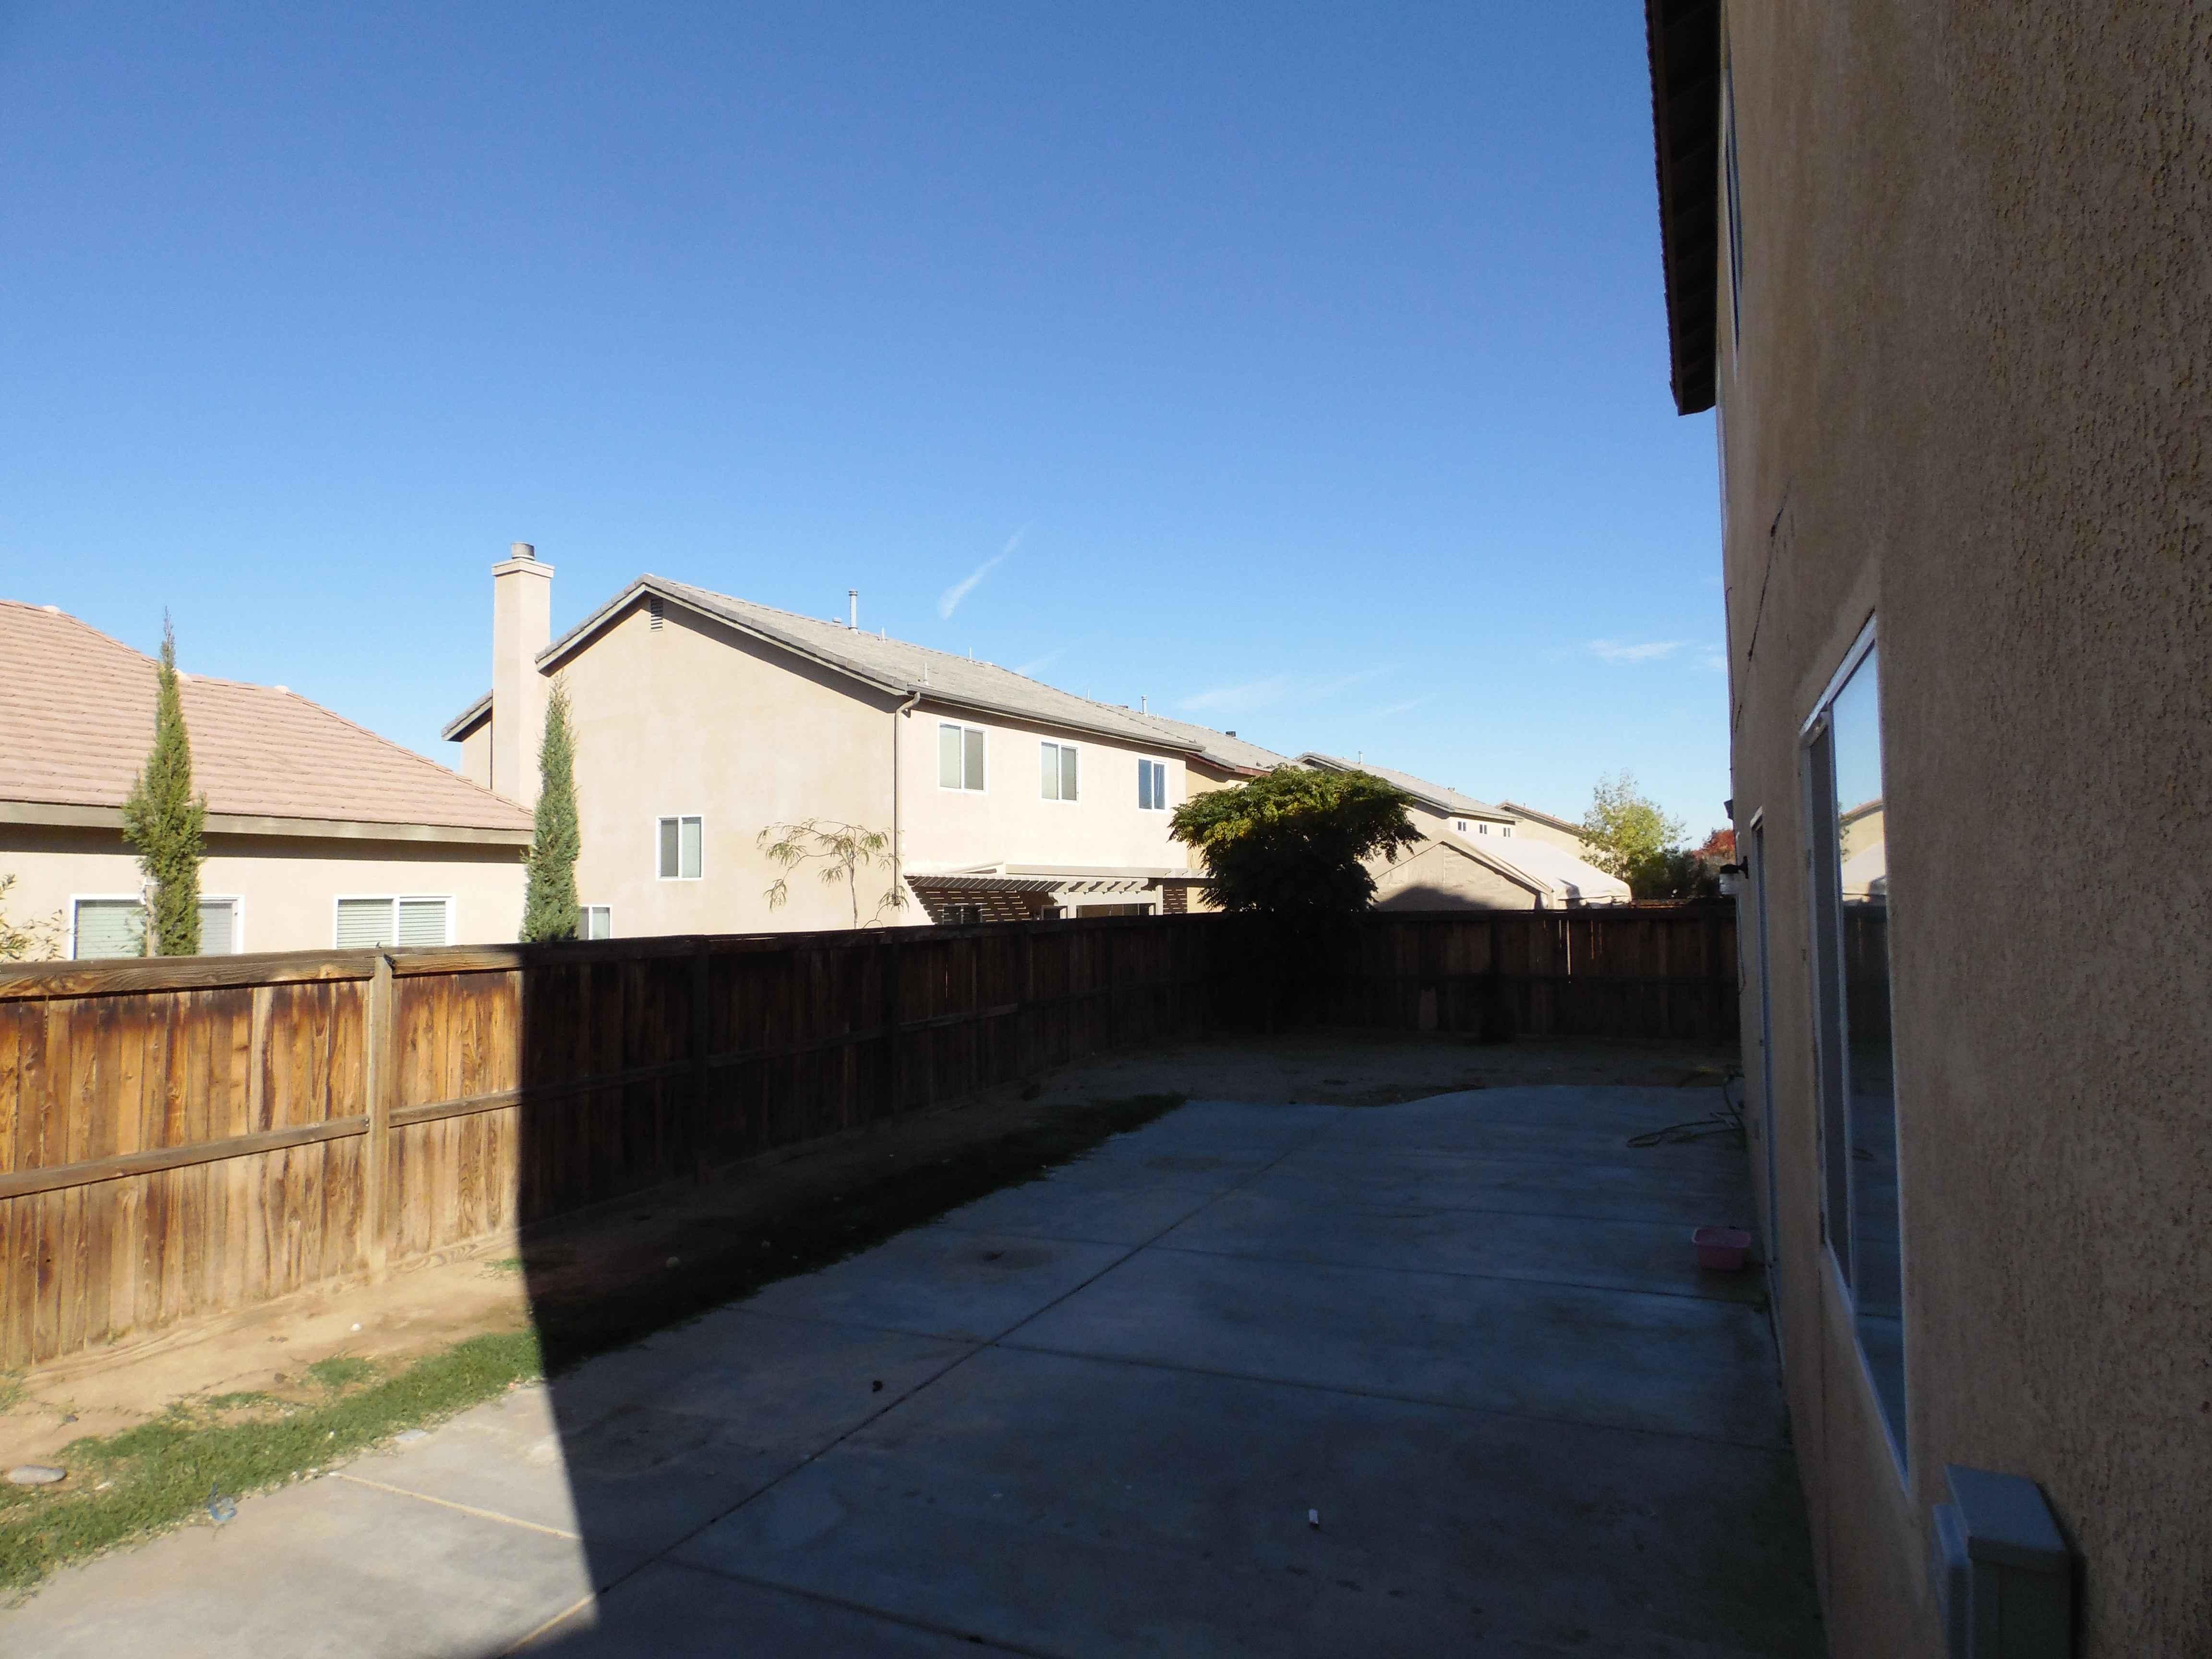 backyard02.jpg